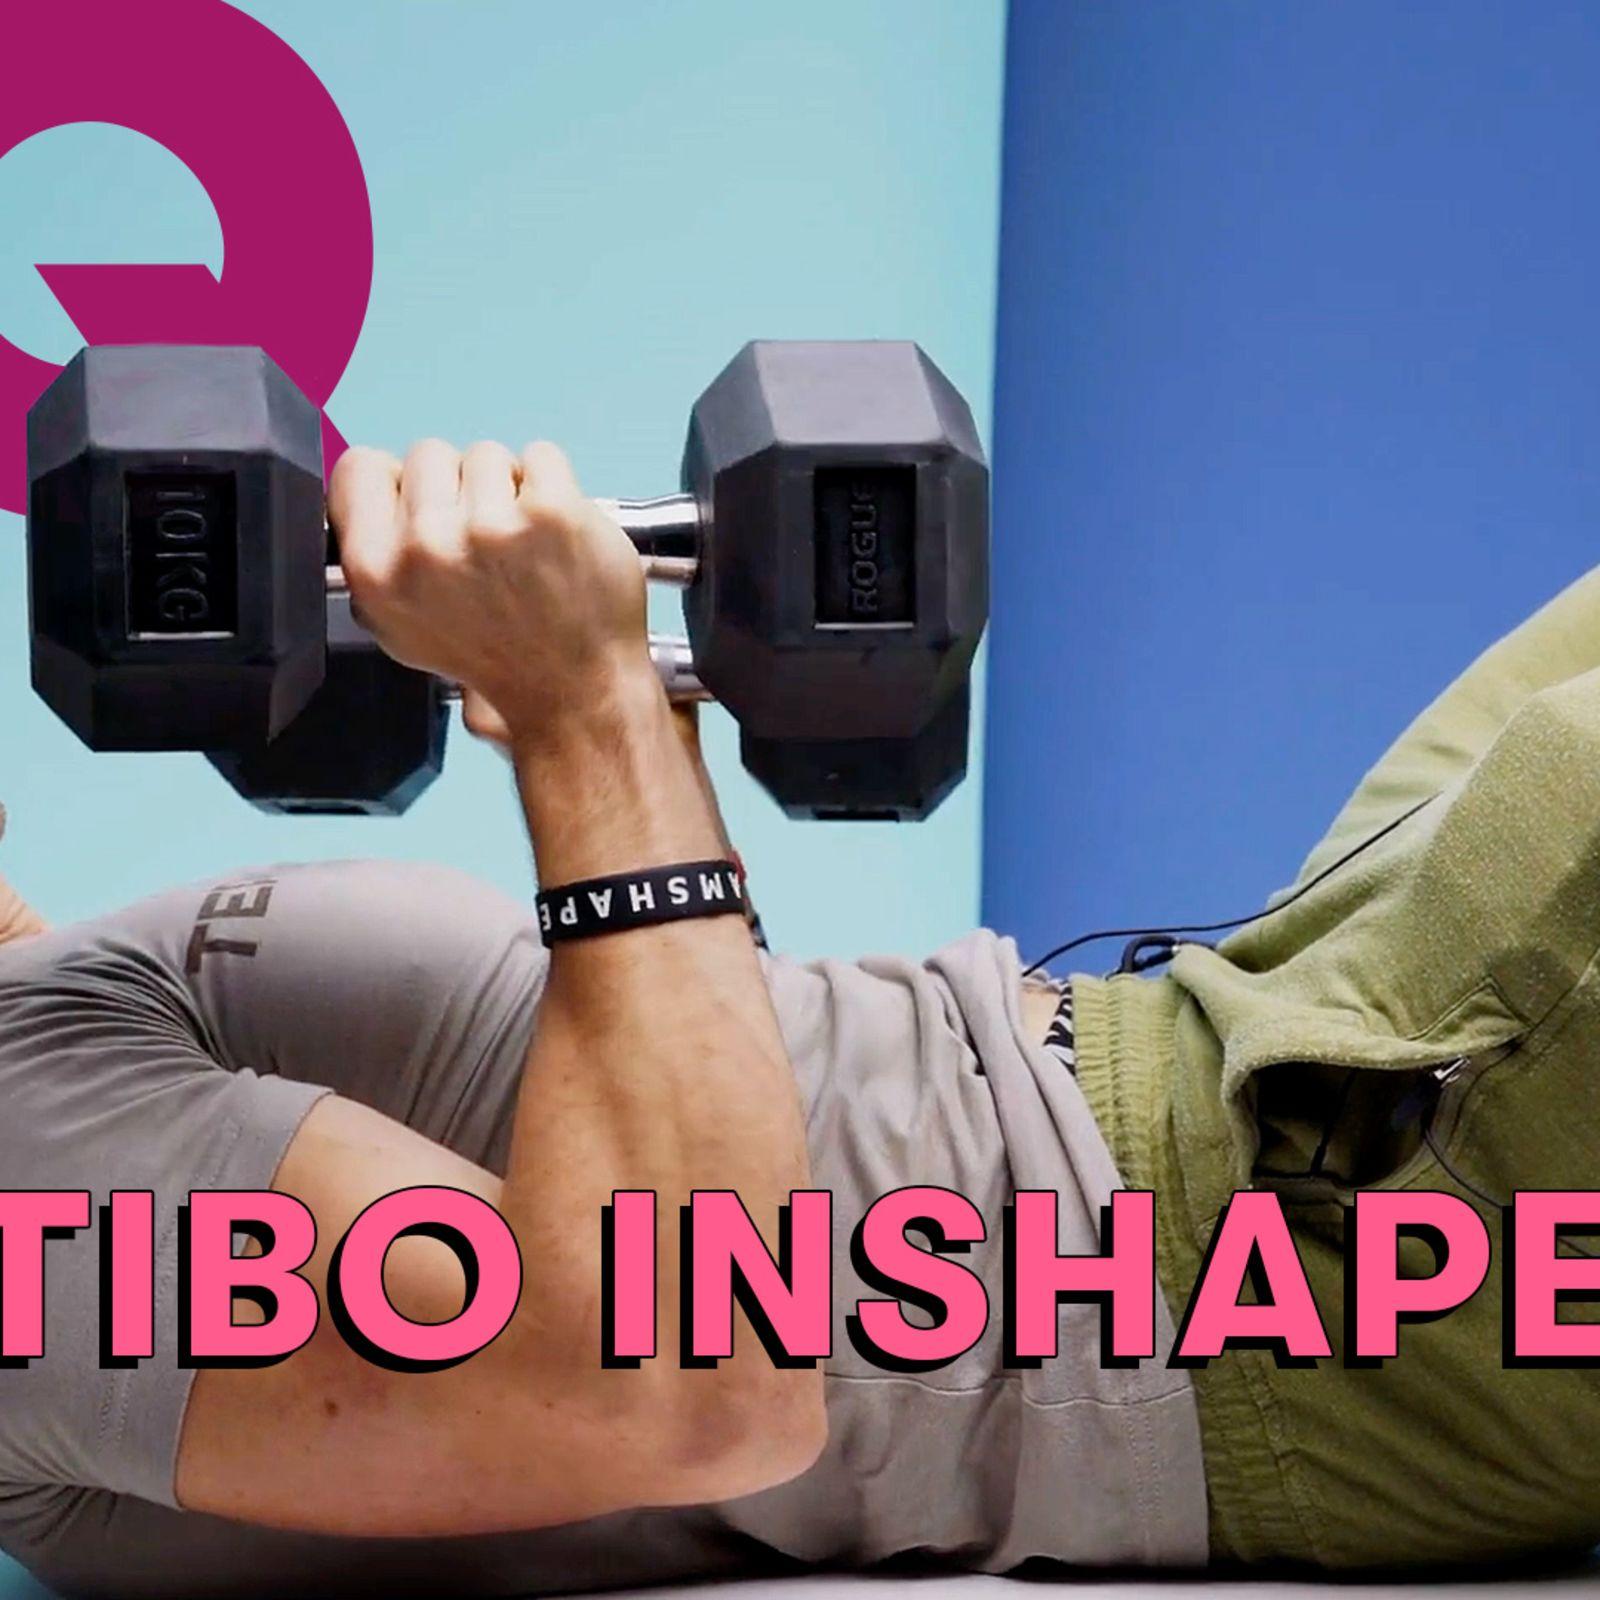 Les 10 Essentiels de Tibo InShape (haltères, shaker de Whey et barres protéinées)